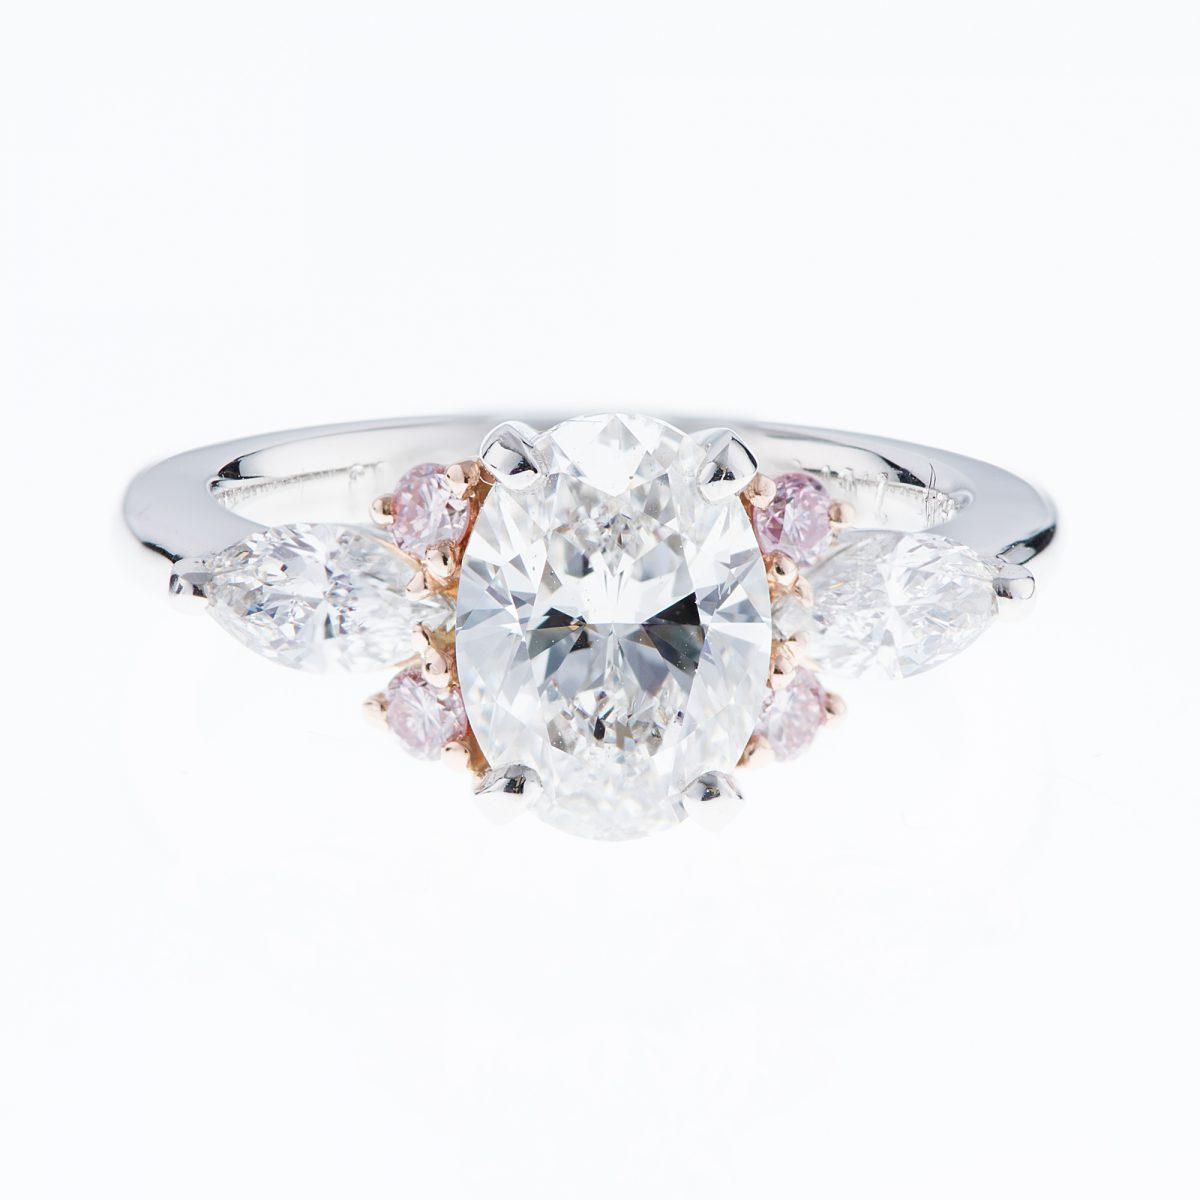 2ct オーバルダイヤモンドリング E カラー VS1